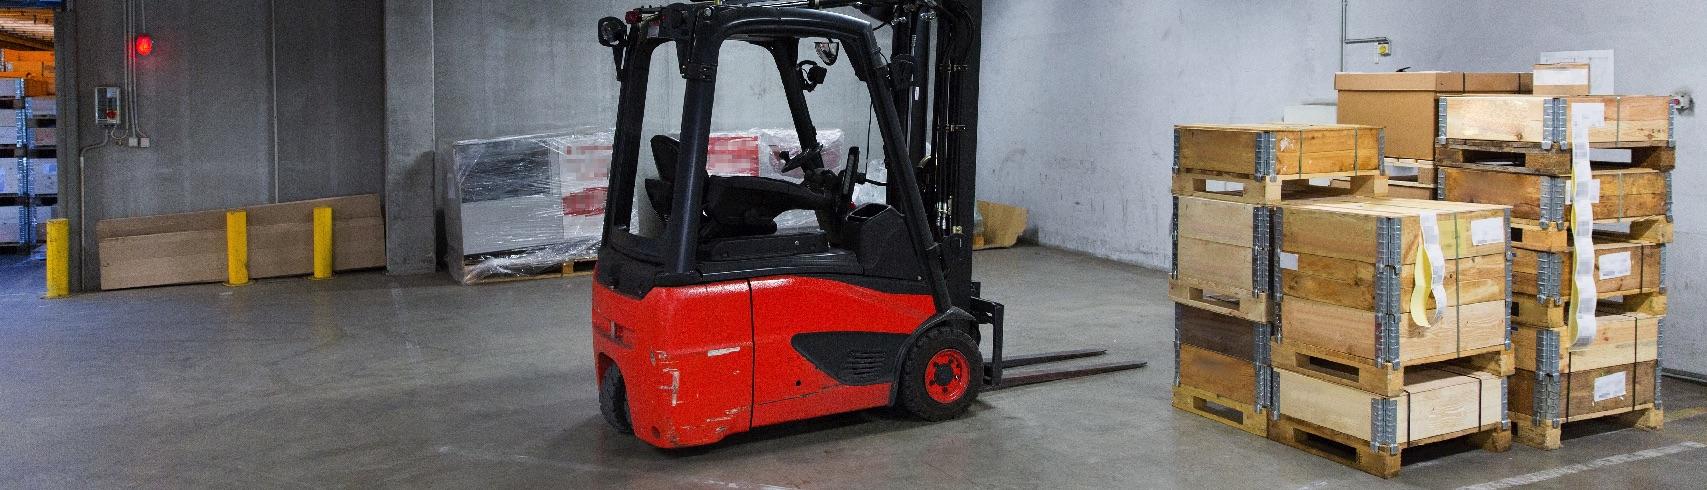 Forklift Rental Dallas, TX - Tobly Equipment Rental